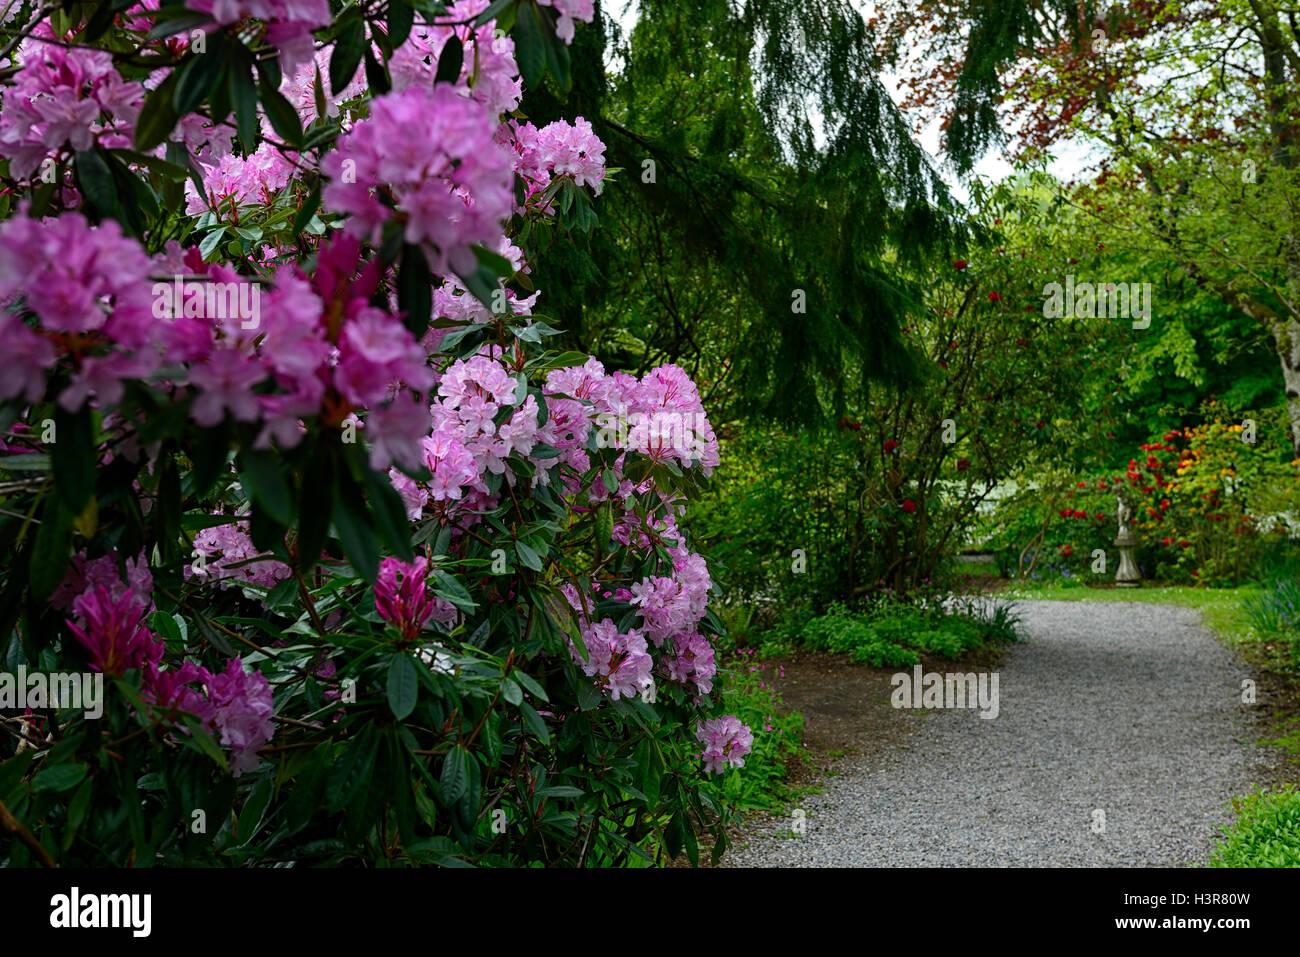 Rhododendron onorevole CE Albero di Stirling alberi arbusti fiori arbusto a fioritura Altamont Gardens Carlow floreale Immagini Stock